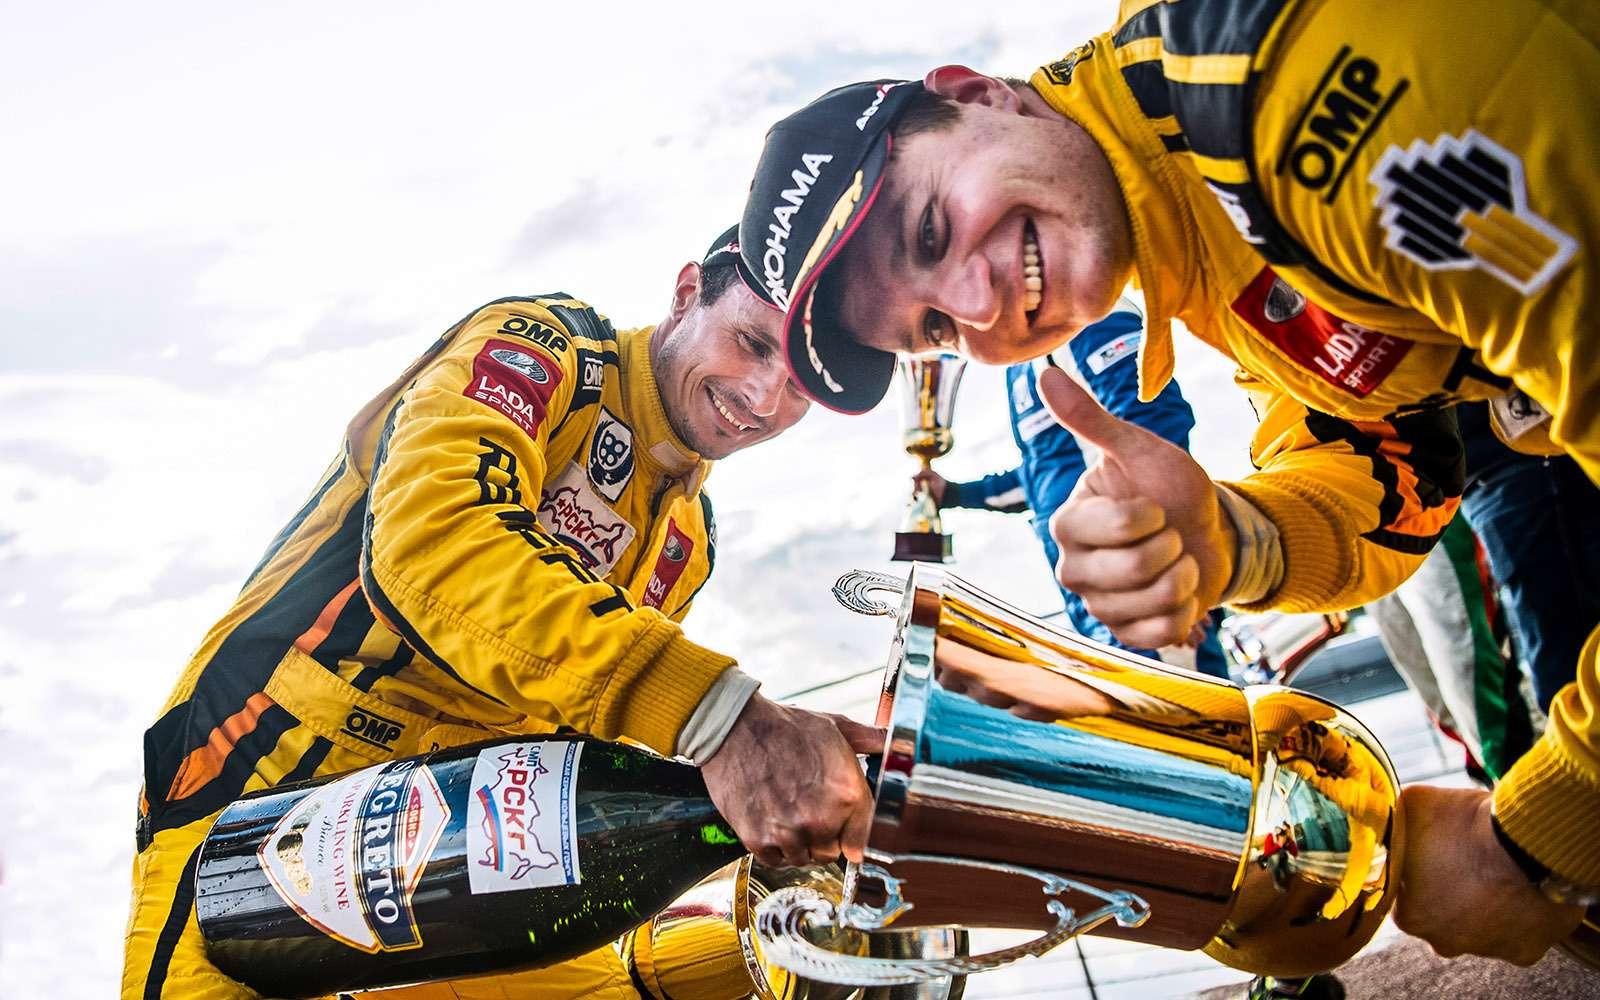 Российская серия кольцевых гонок: допоследней капли— фото 657862